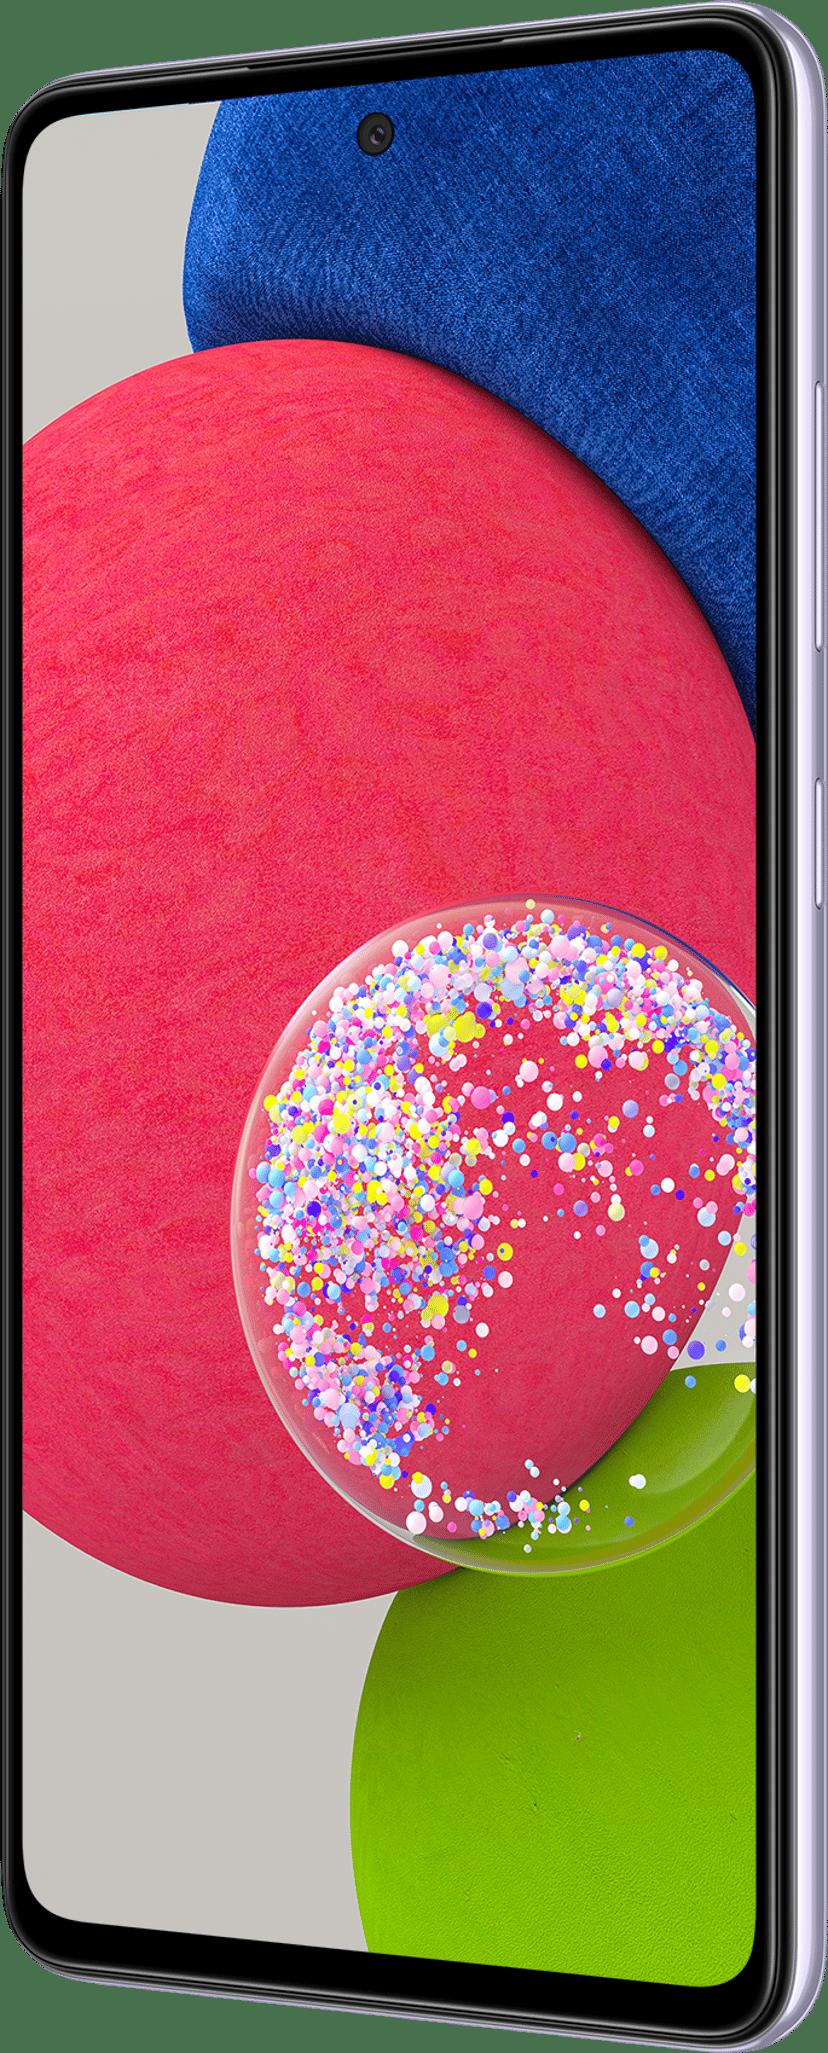 Samsung Galaxy A52s 5G 128GB Dual-SIM Fantastisk violett